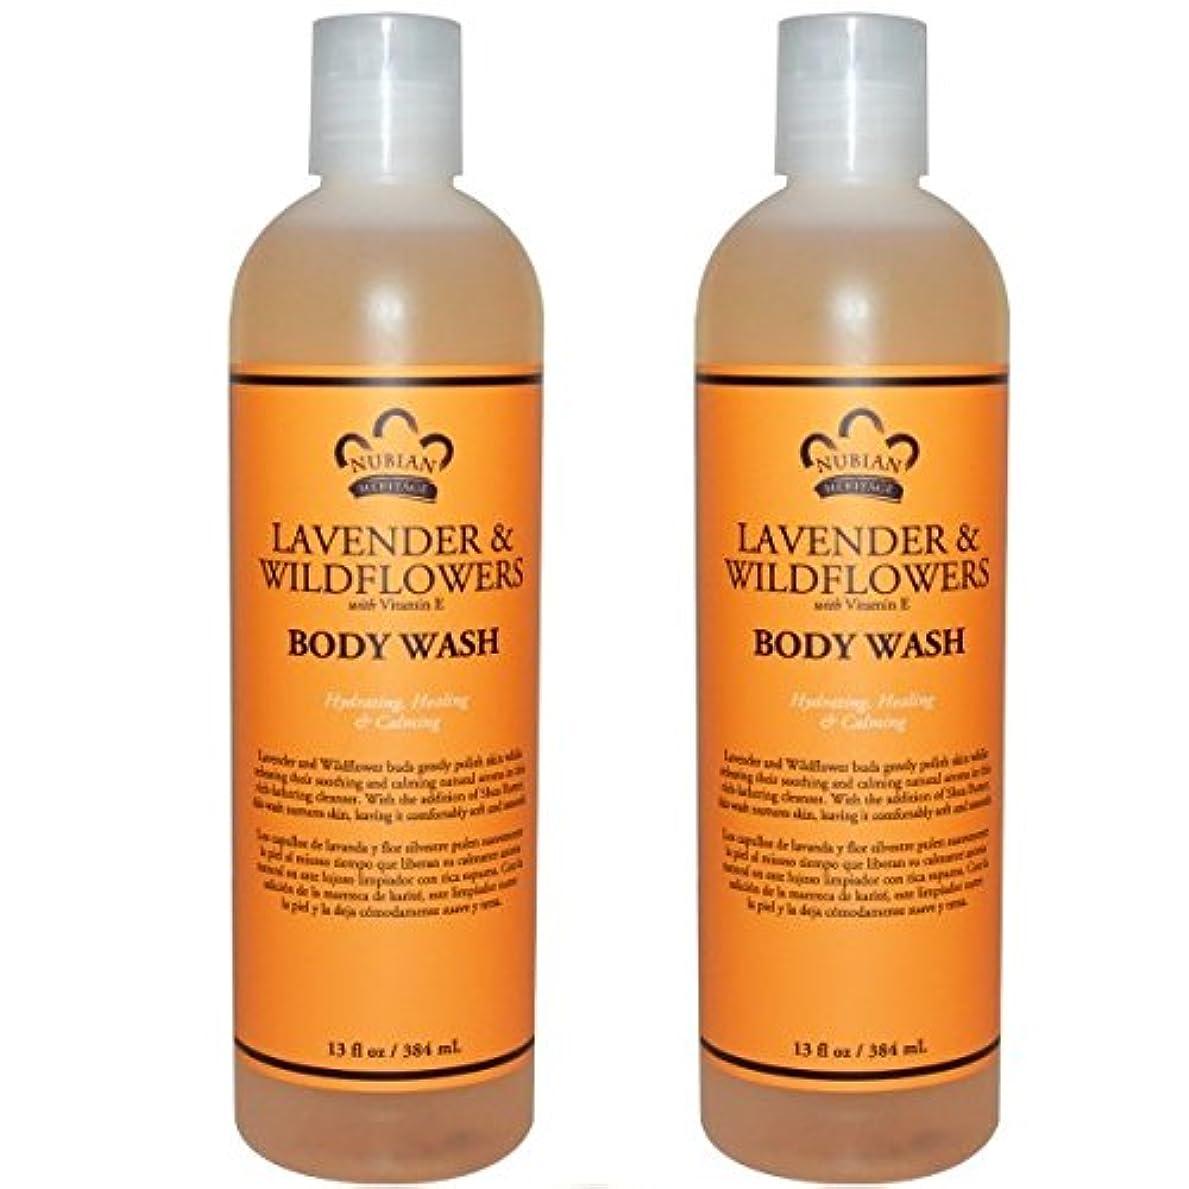 悪名高い病的ルーキー【海外直送品】【2本】Nubian Heritage Body Wash Relaxing & Nourishing, Lavender & Wildflowers - 13 fl oz (384 ml)